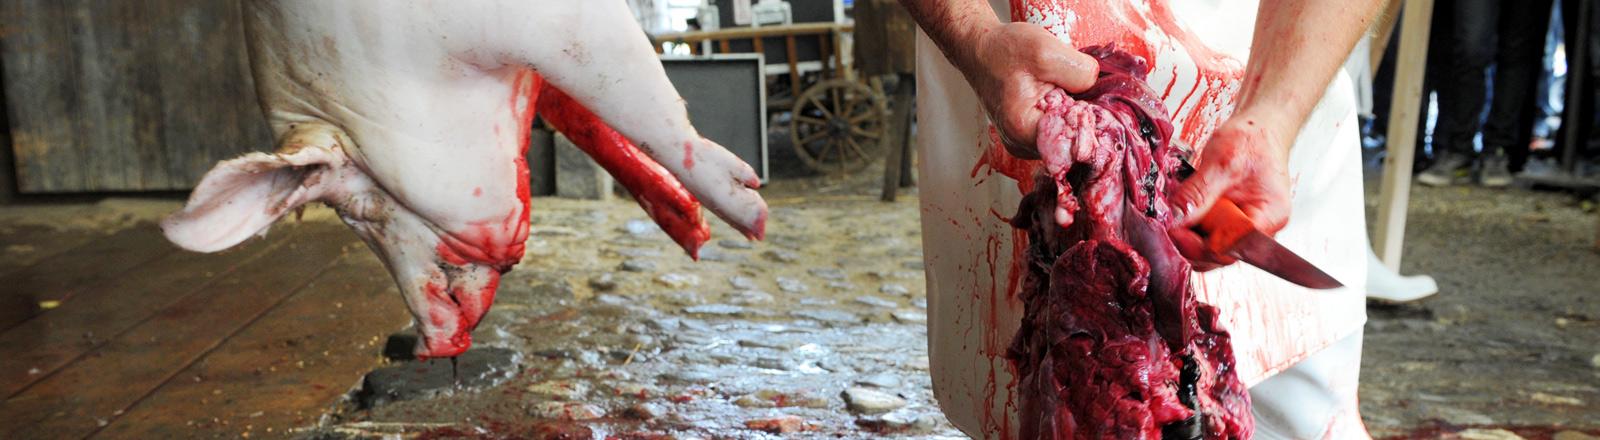 traditionelle Hofschlachtung eines Schweins